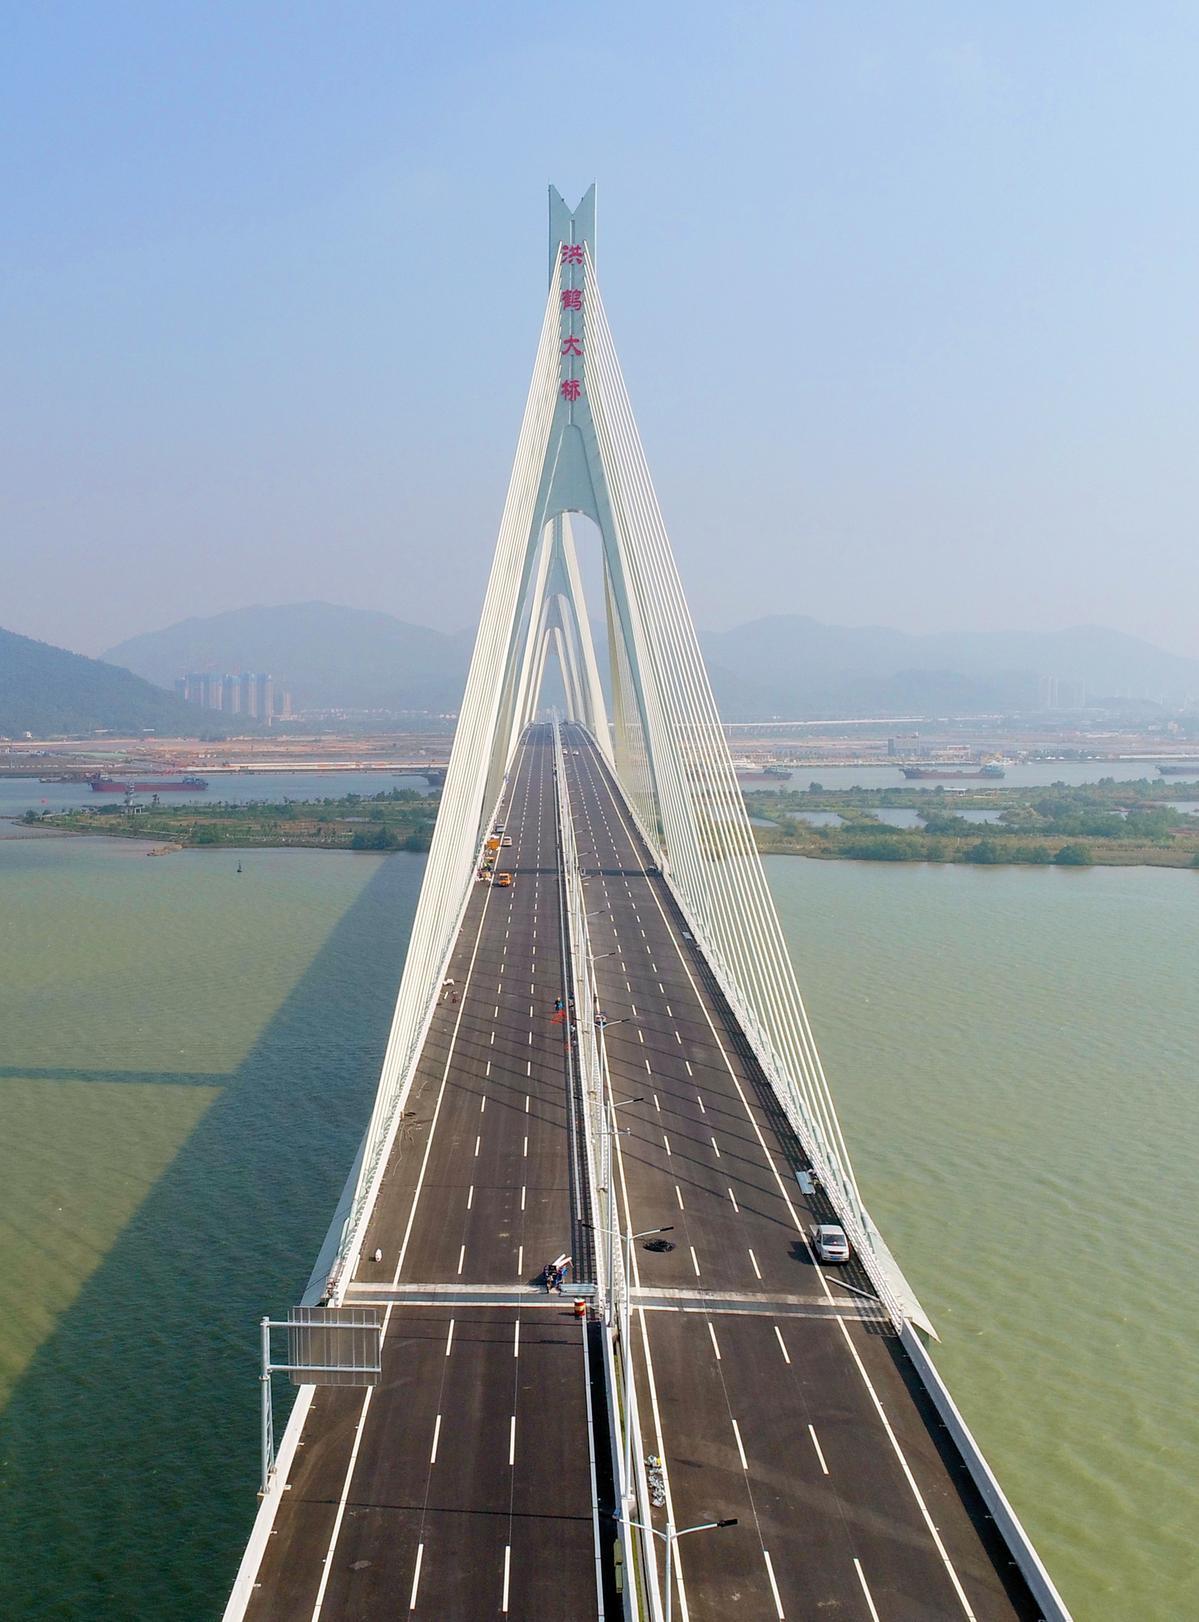 洪鶴大橋全長9.65公里,設雙向六車道,設計時速為每小時100公里。大橋主橋1940米,由兩座主跨500米雙塔雙索面疊合梁斜拉橋串聯而成。(攝影:張洲)